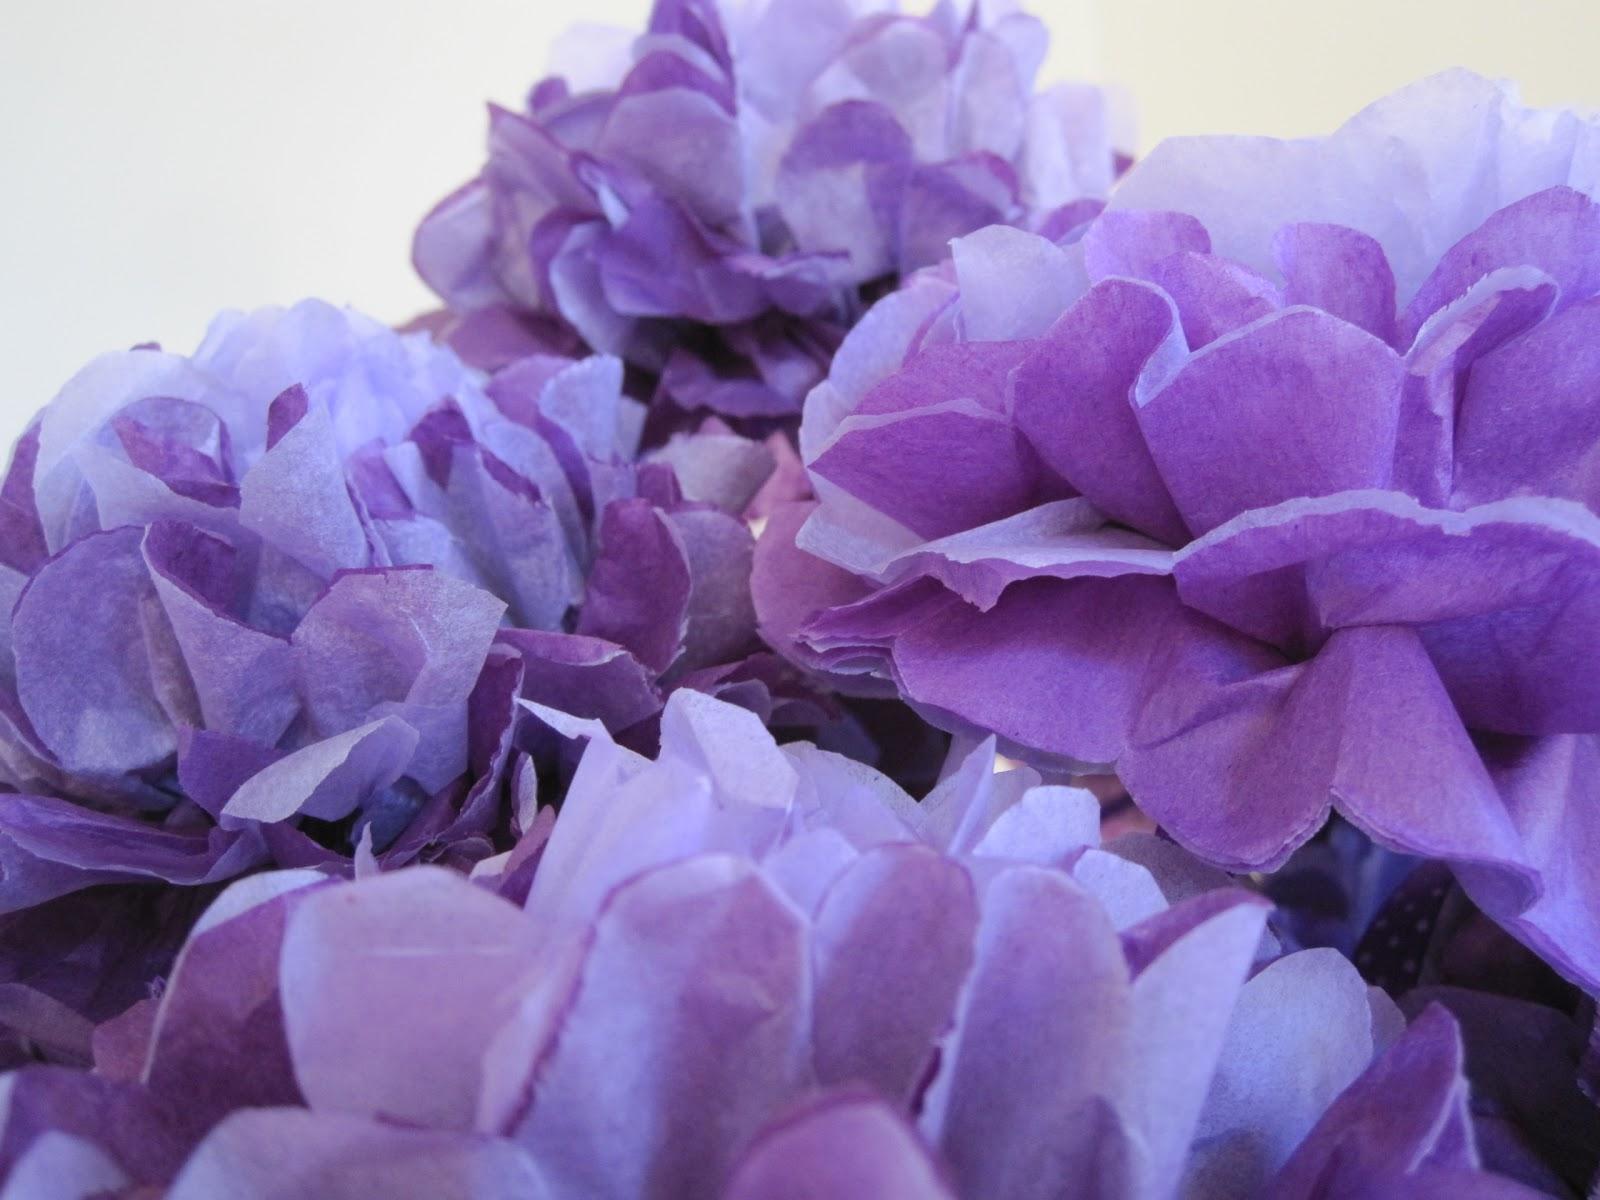 Cassadiva How To Make Tissue Paper Flowers